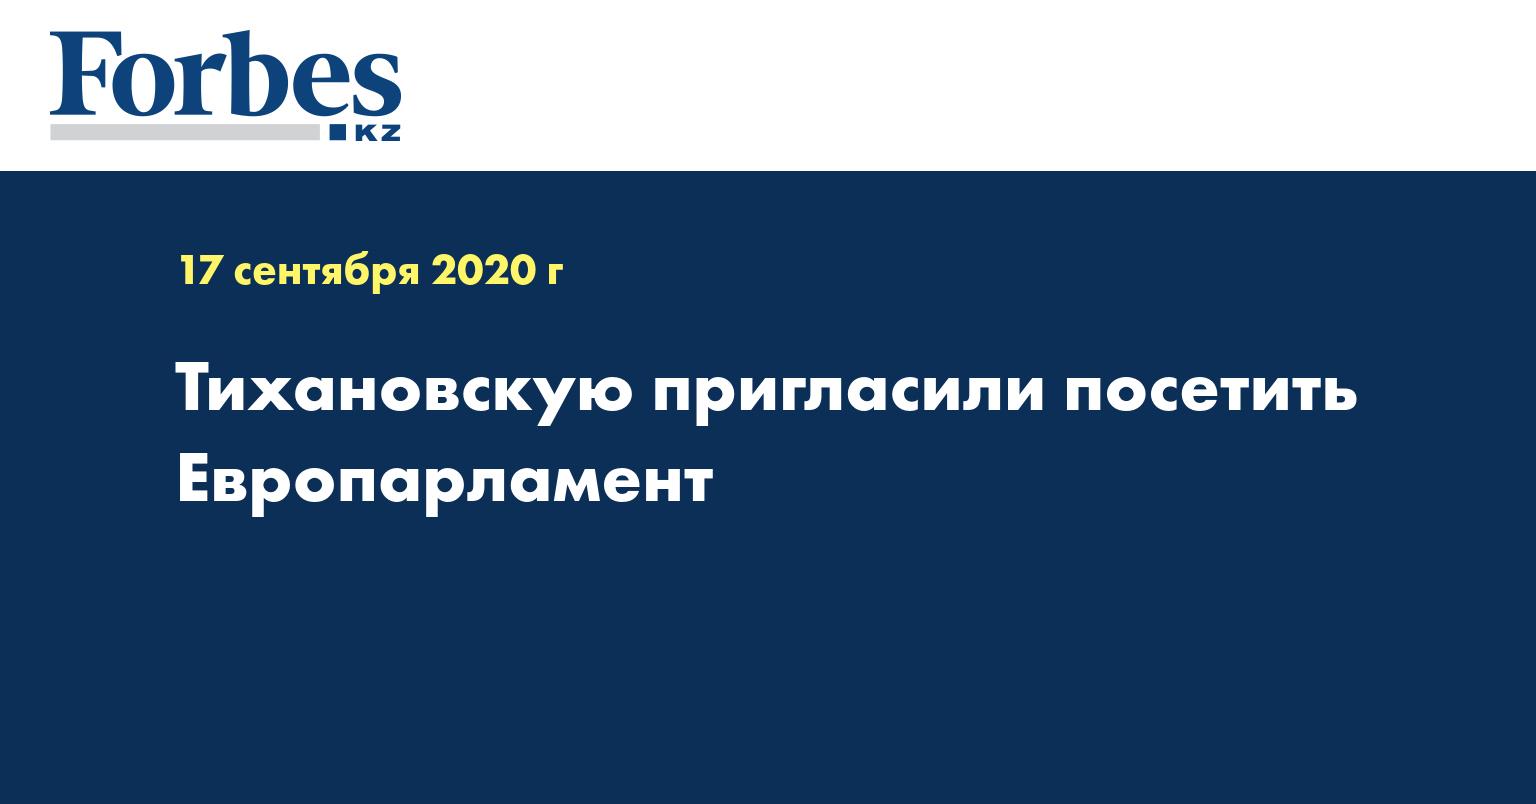 Тихановскую пригласили посетить Европарламент